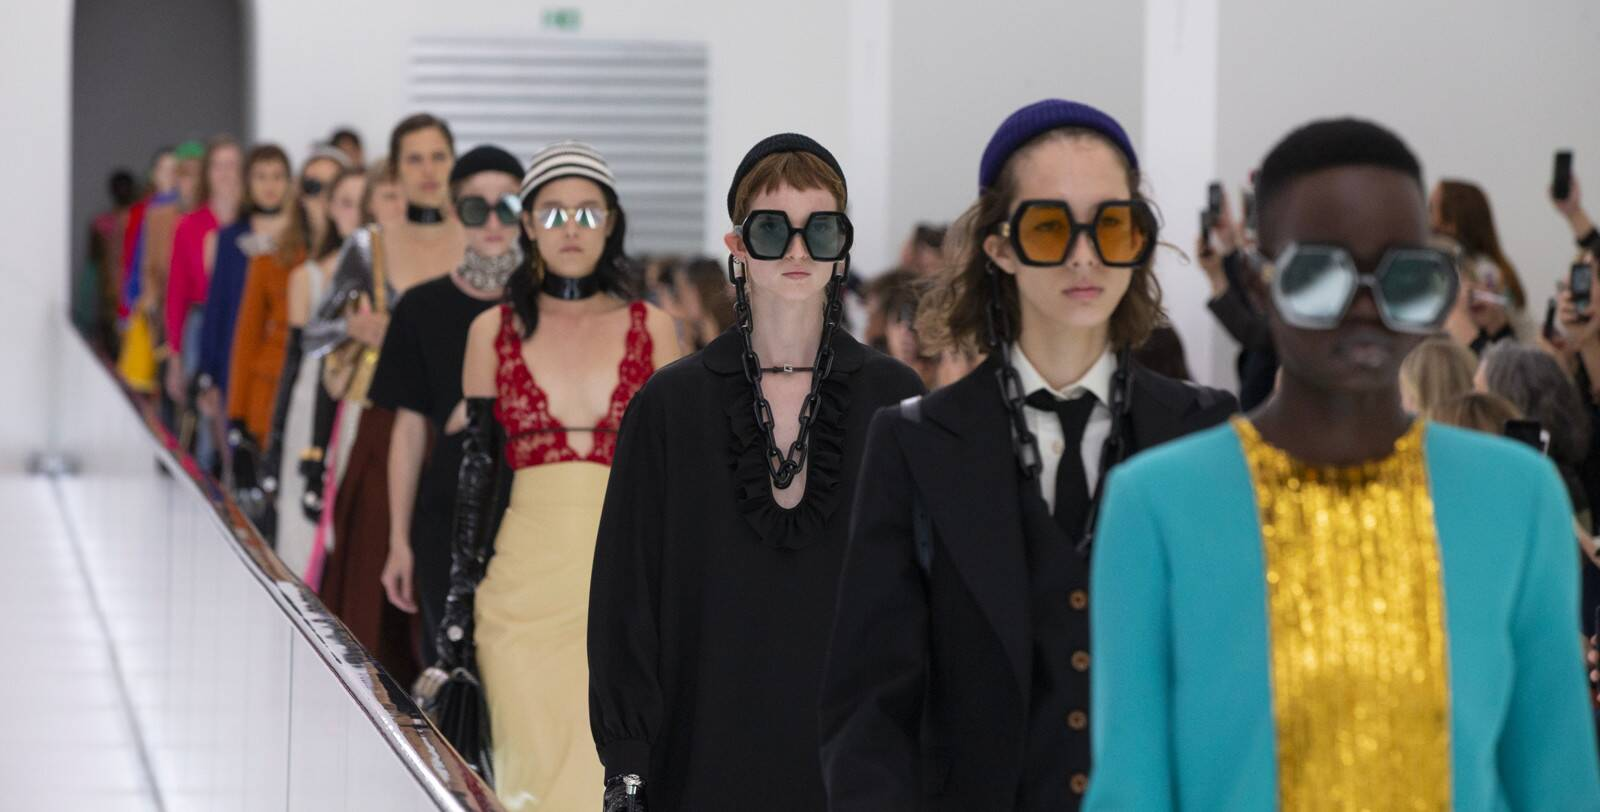 Những thiết kế trong BST Xuân - Hè 2020 của thương hiệu Gucci được ra mắt tại tuần lễ thời trang Milan.